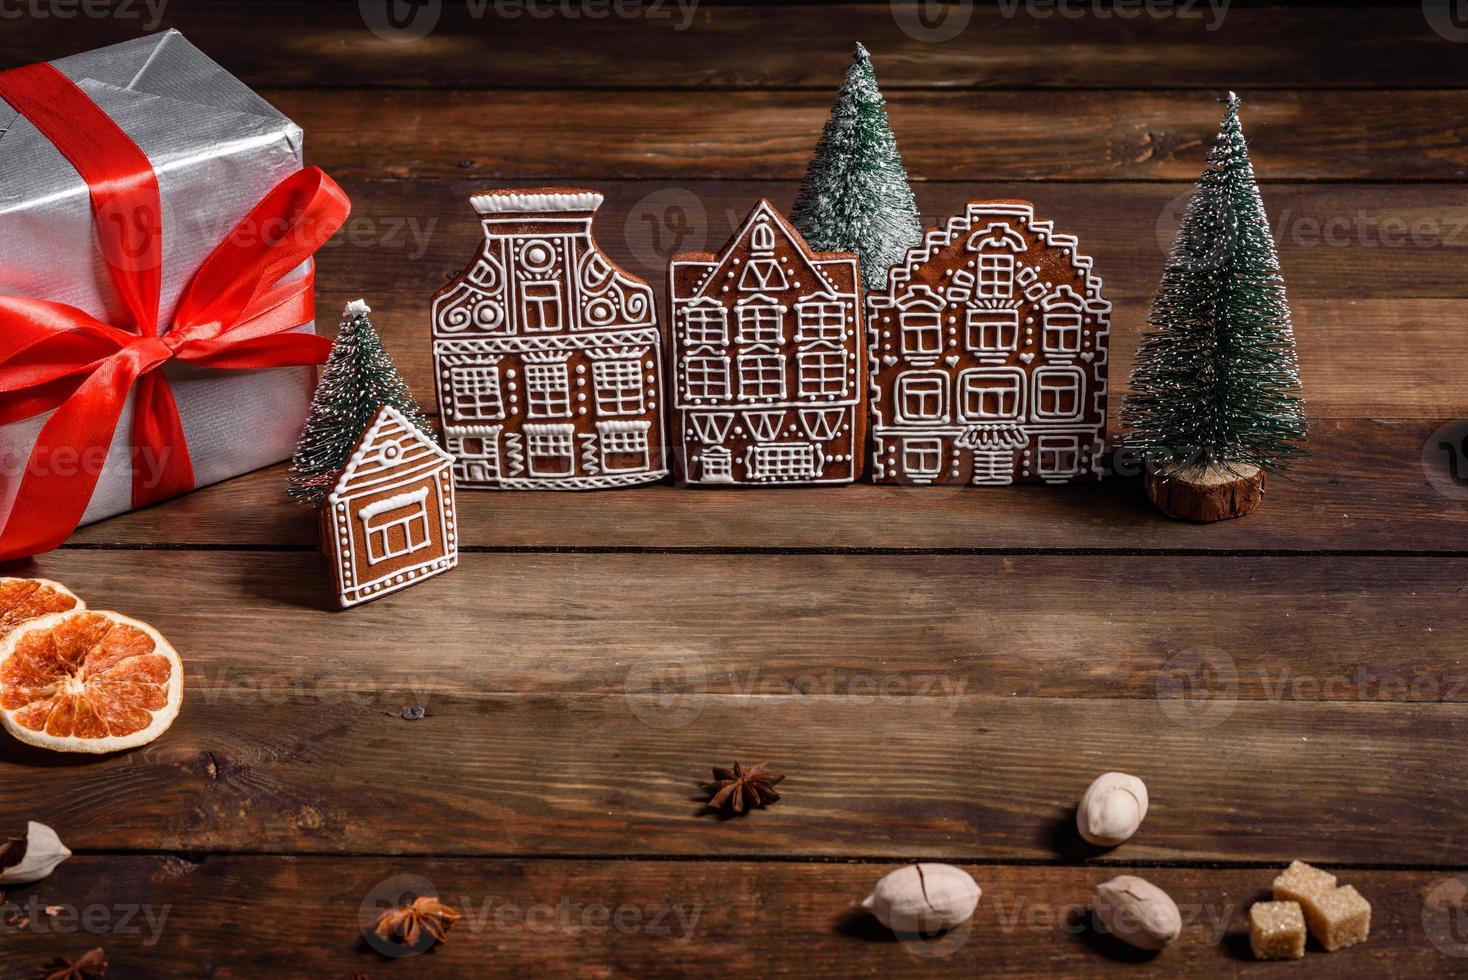 köstliche schöne Süßigkeiten auf einem dunklen Holztisch an Heiligabend foto